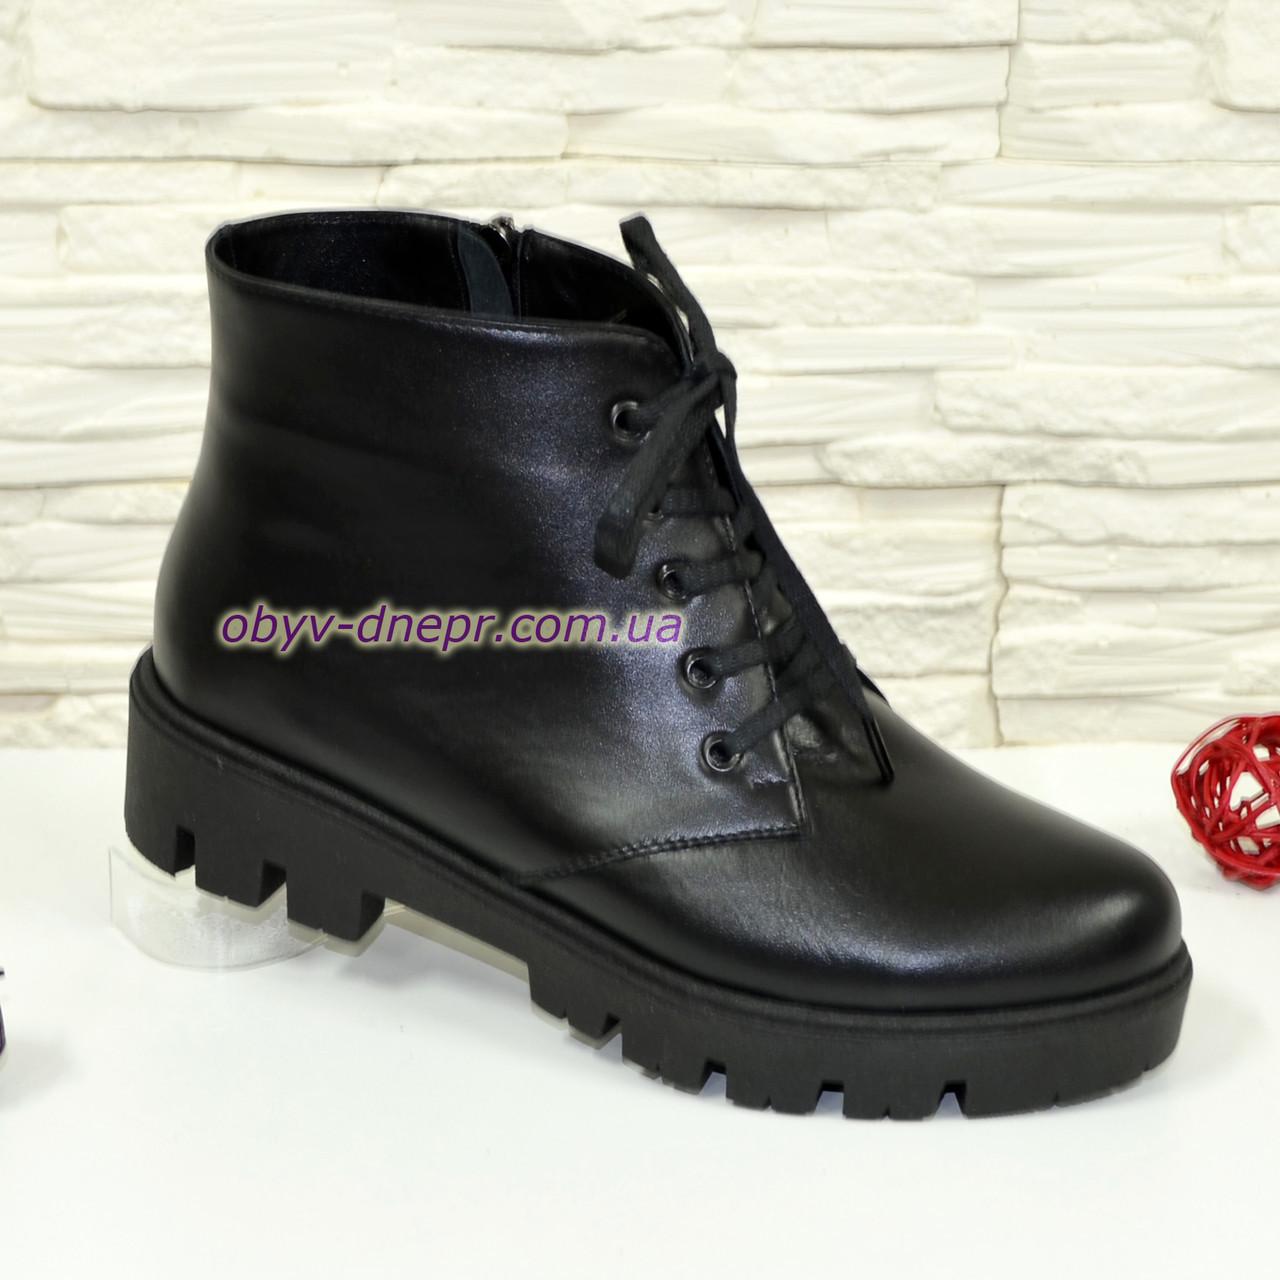 d19abb6f Купить Ботинки зимние женские черные кожаные на шнуровке, утолщенная ...